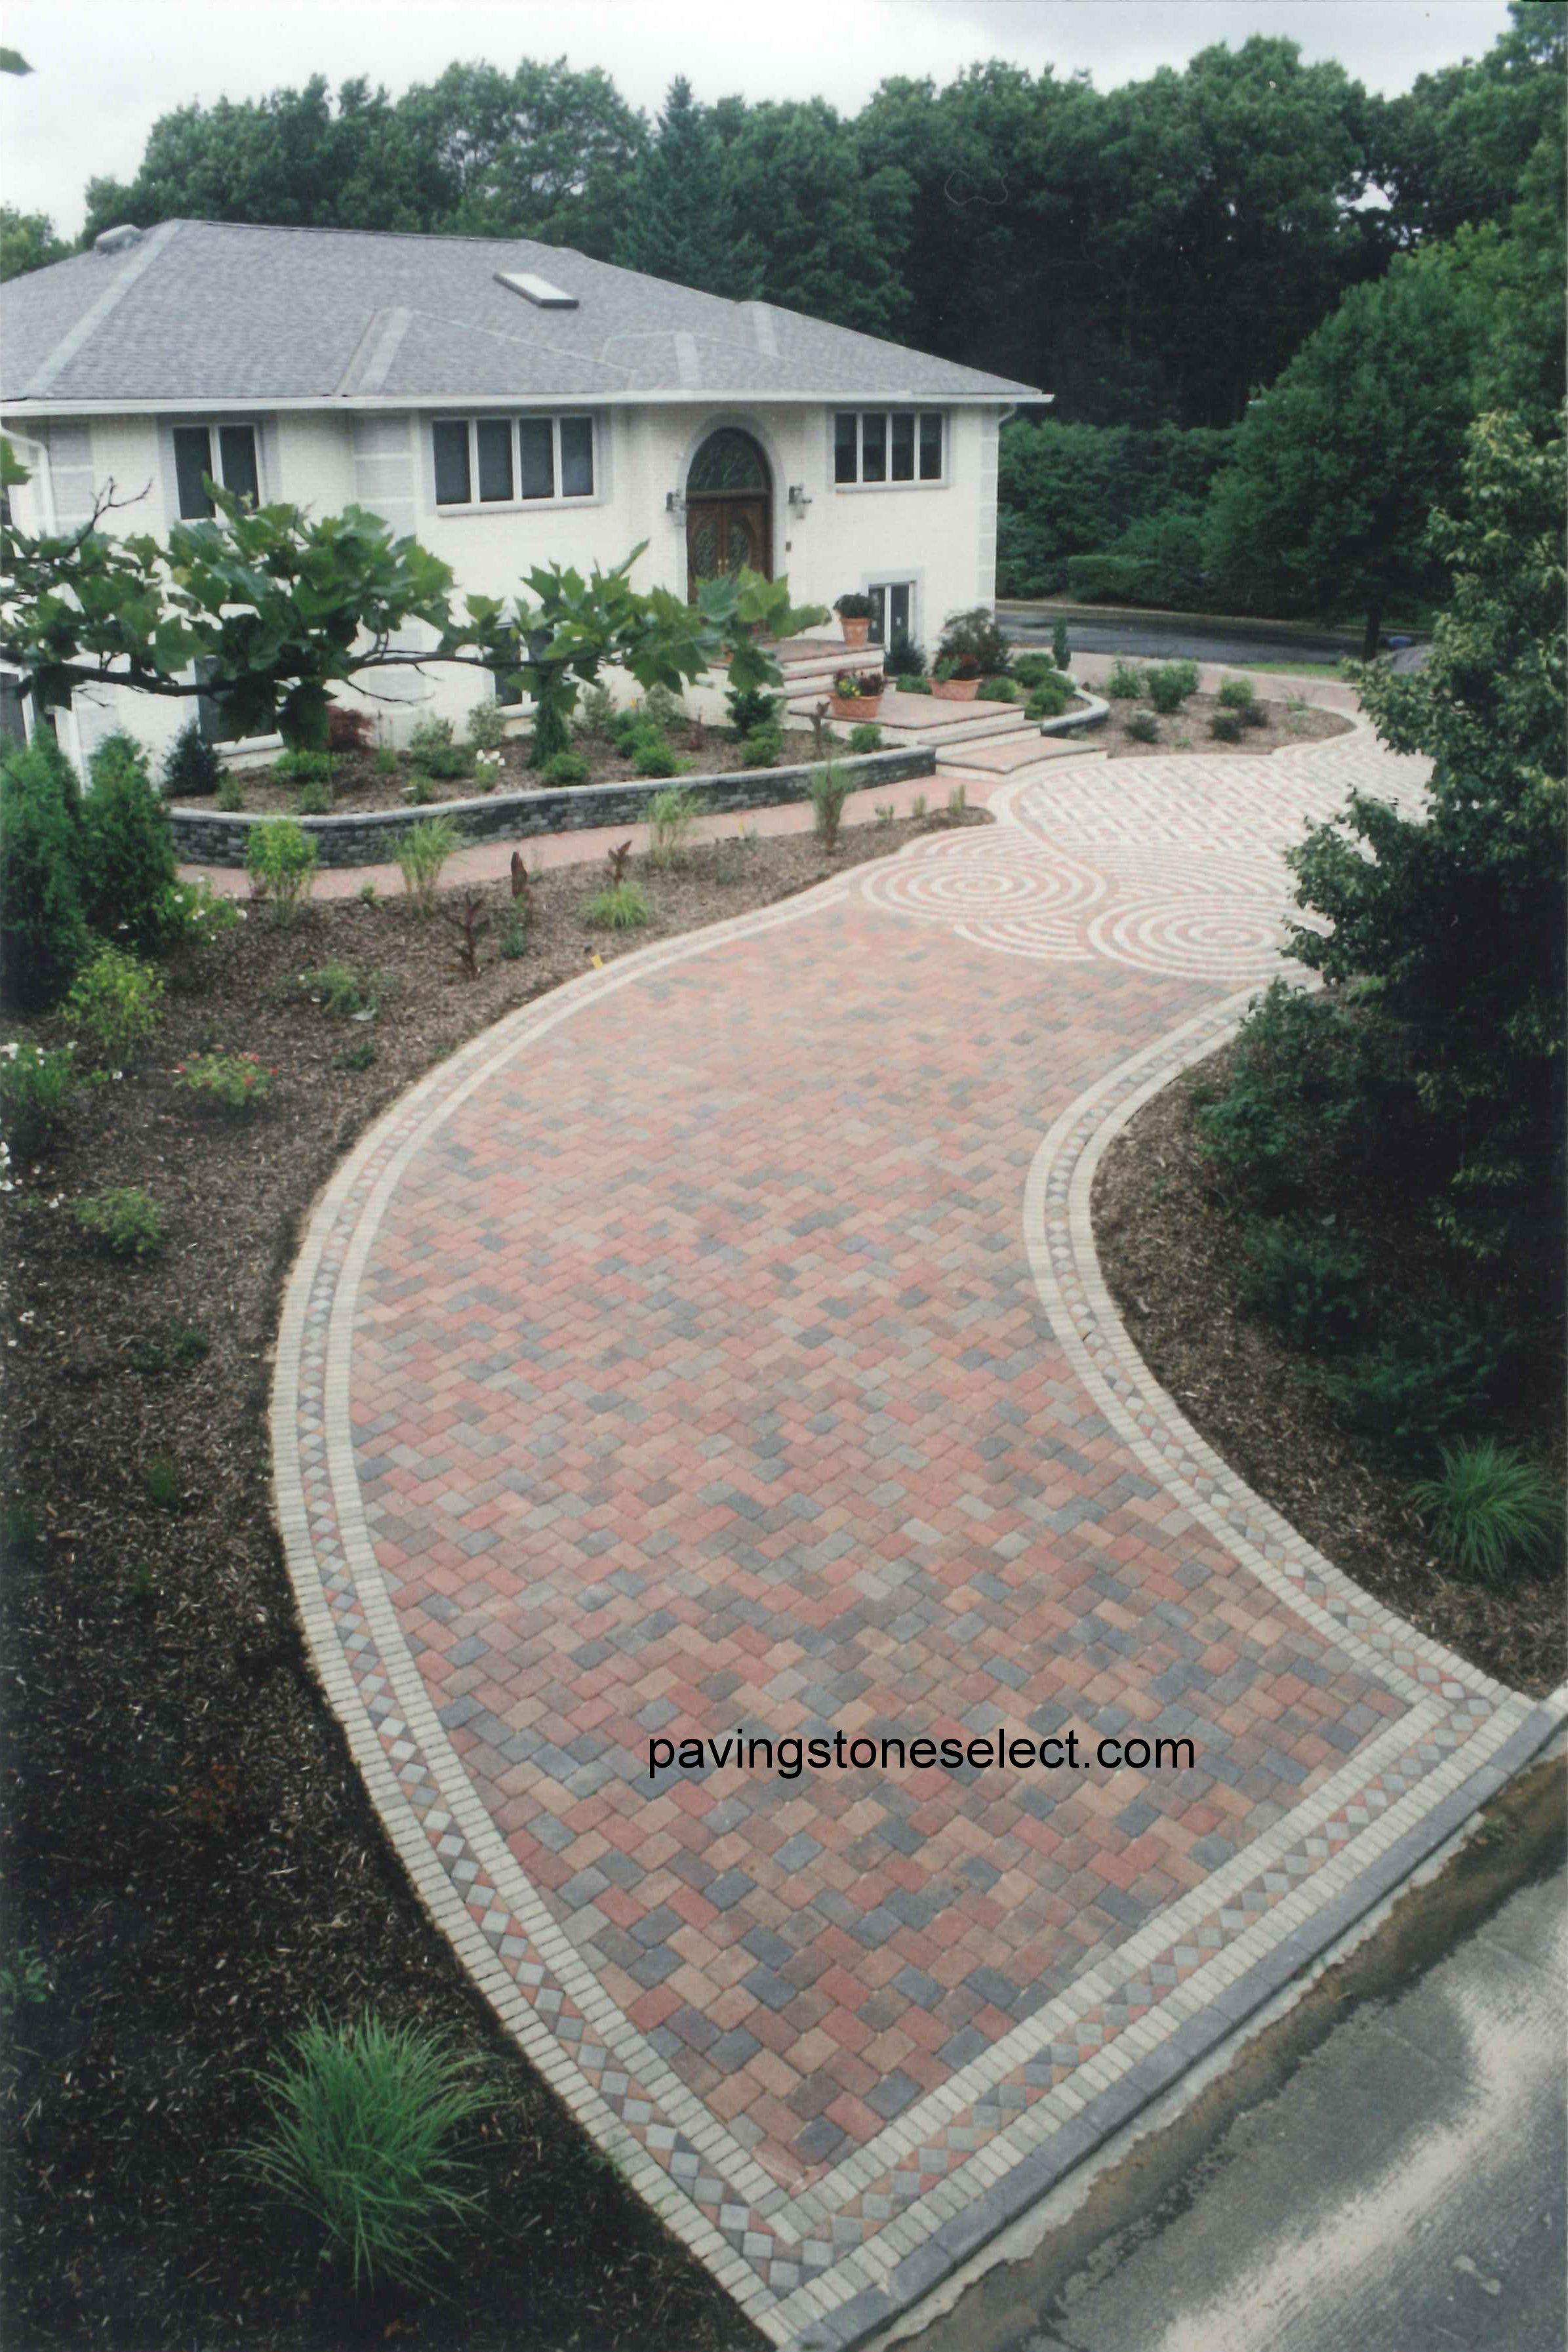 Giuseppe abbrancati 1993 award winning design for Base for concrete driveway